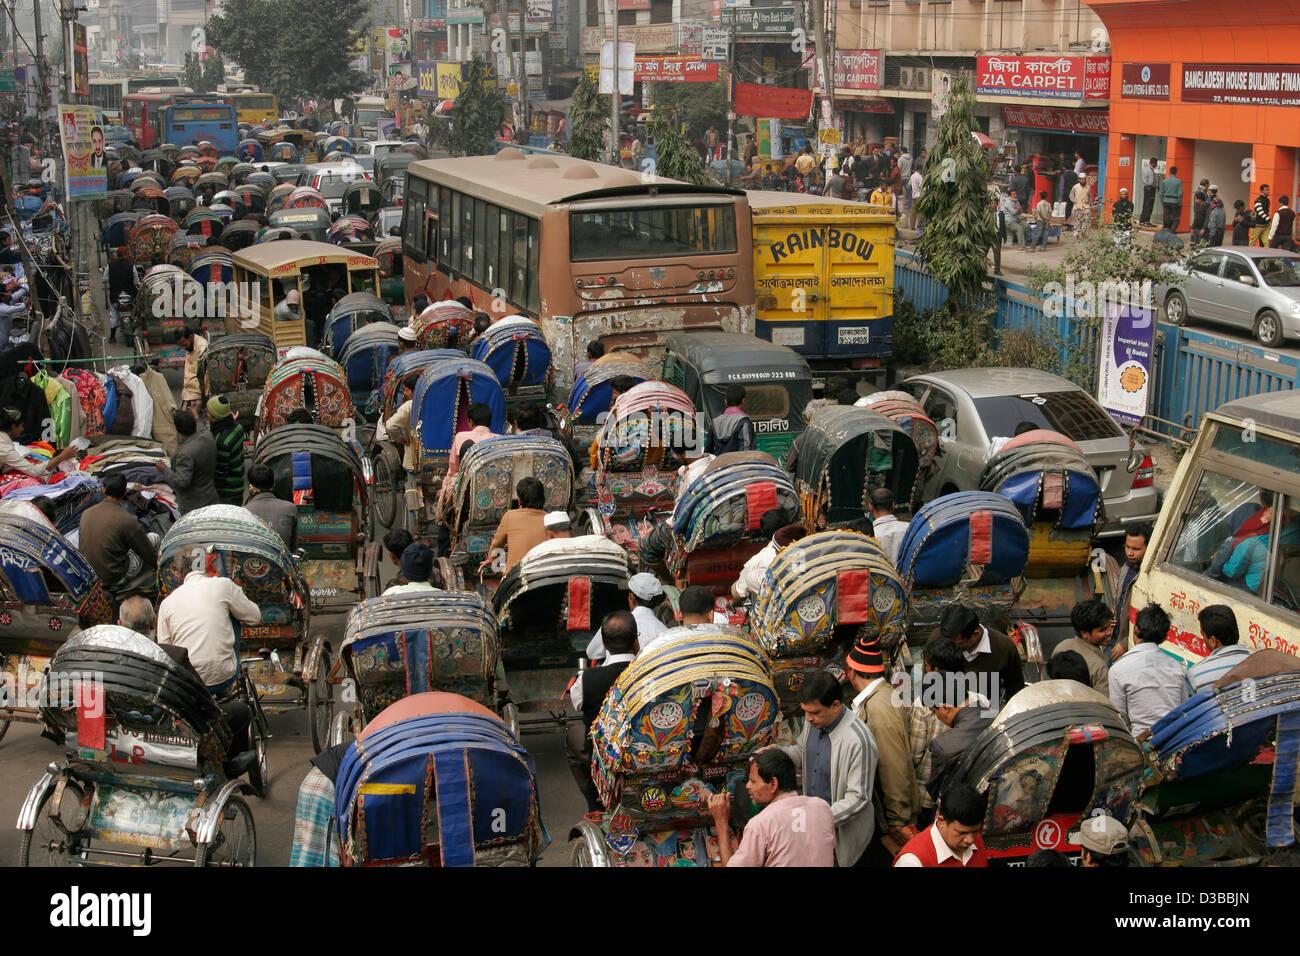 Rickshaw traffic jam on the street of Dhaka, Bangladesh - Stock Image